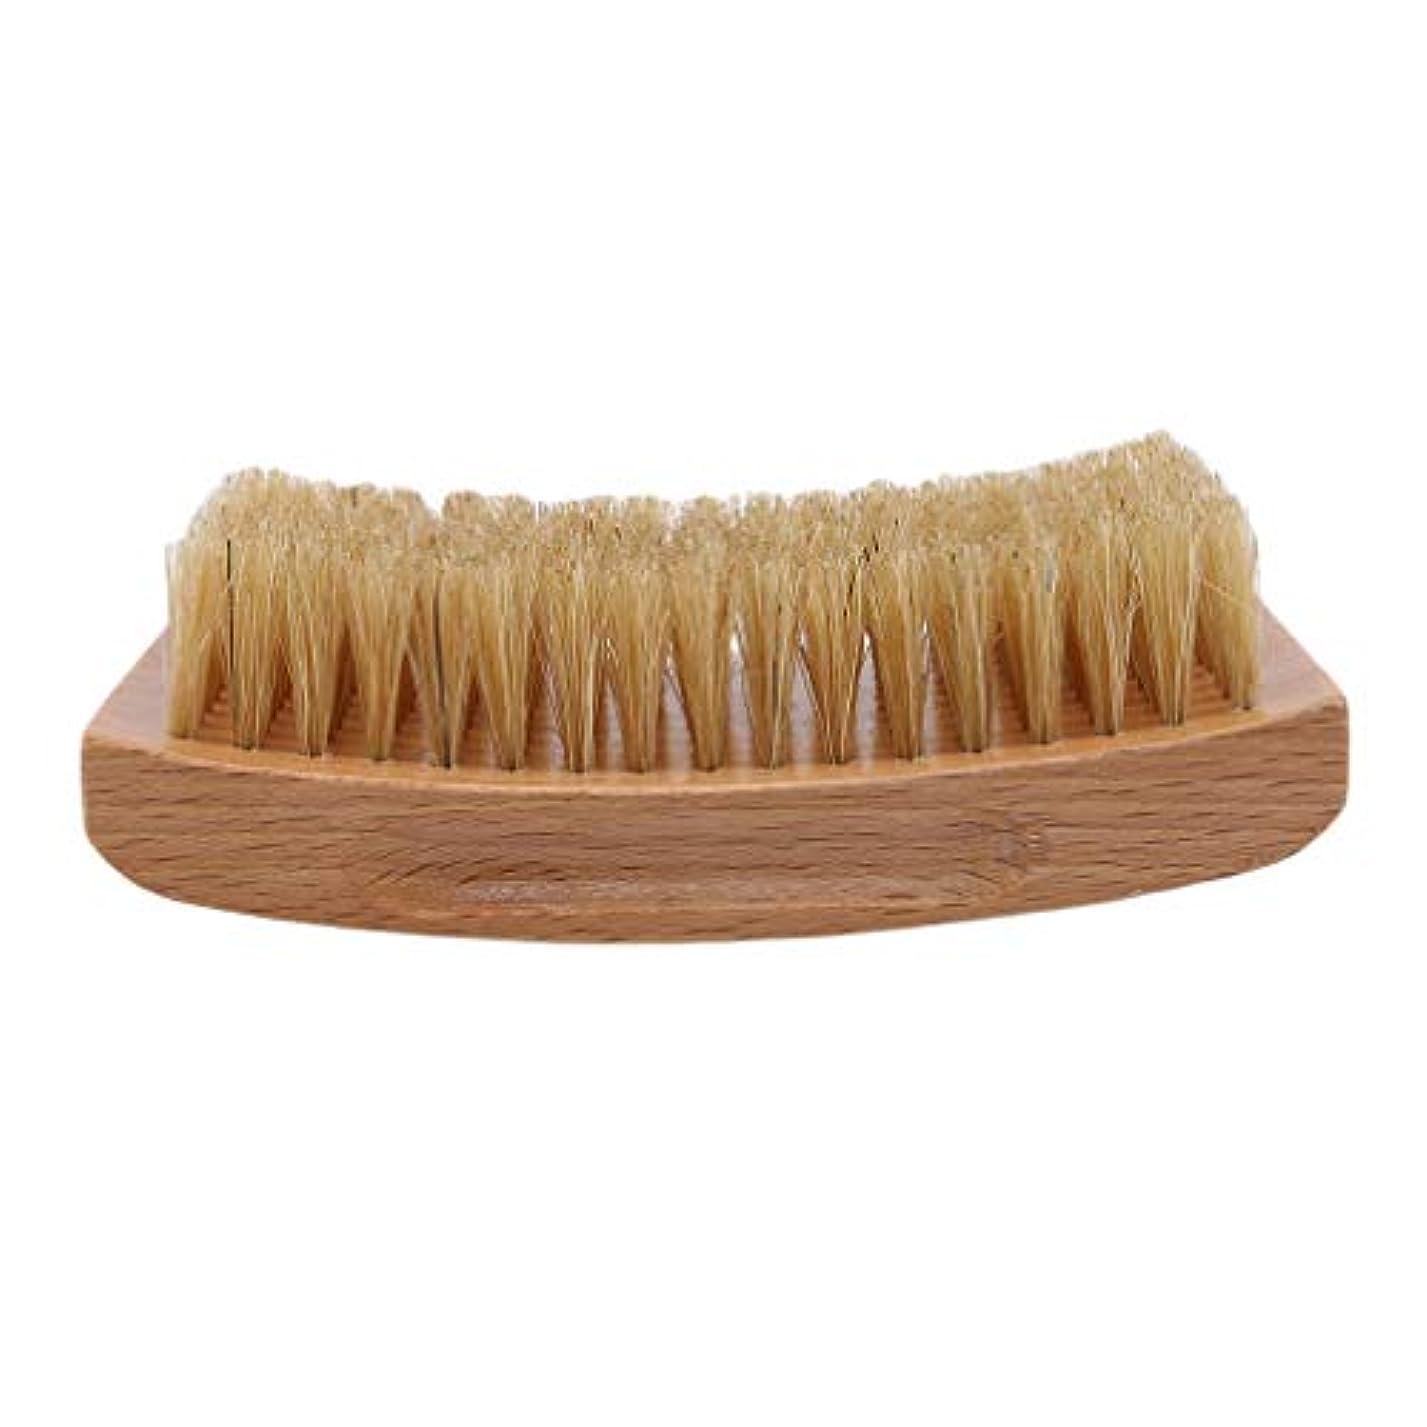 空虚スキャンダラス民主党Largesoy ひげブラシ シェービングブラシ 理容 洗顔 髭剃り 泡立ち ひげ剃り 美容ツール シェービング用アクセサリー 1#